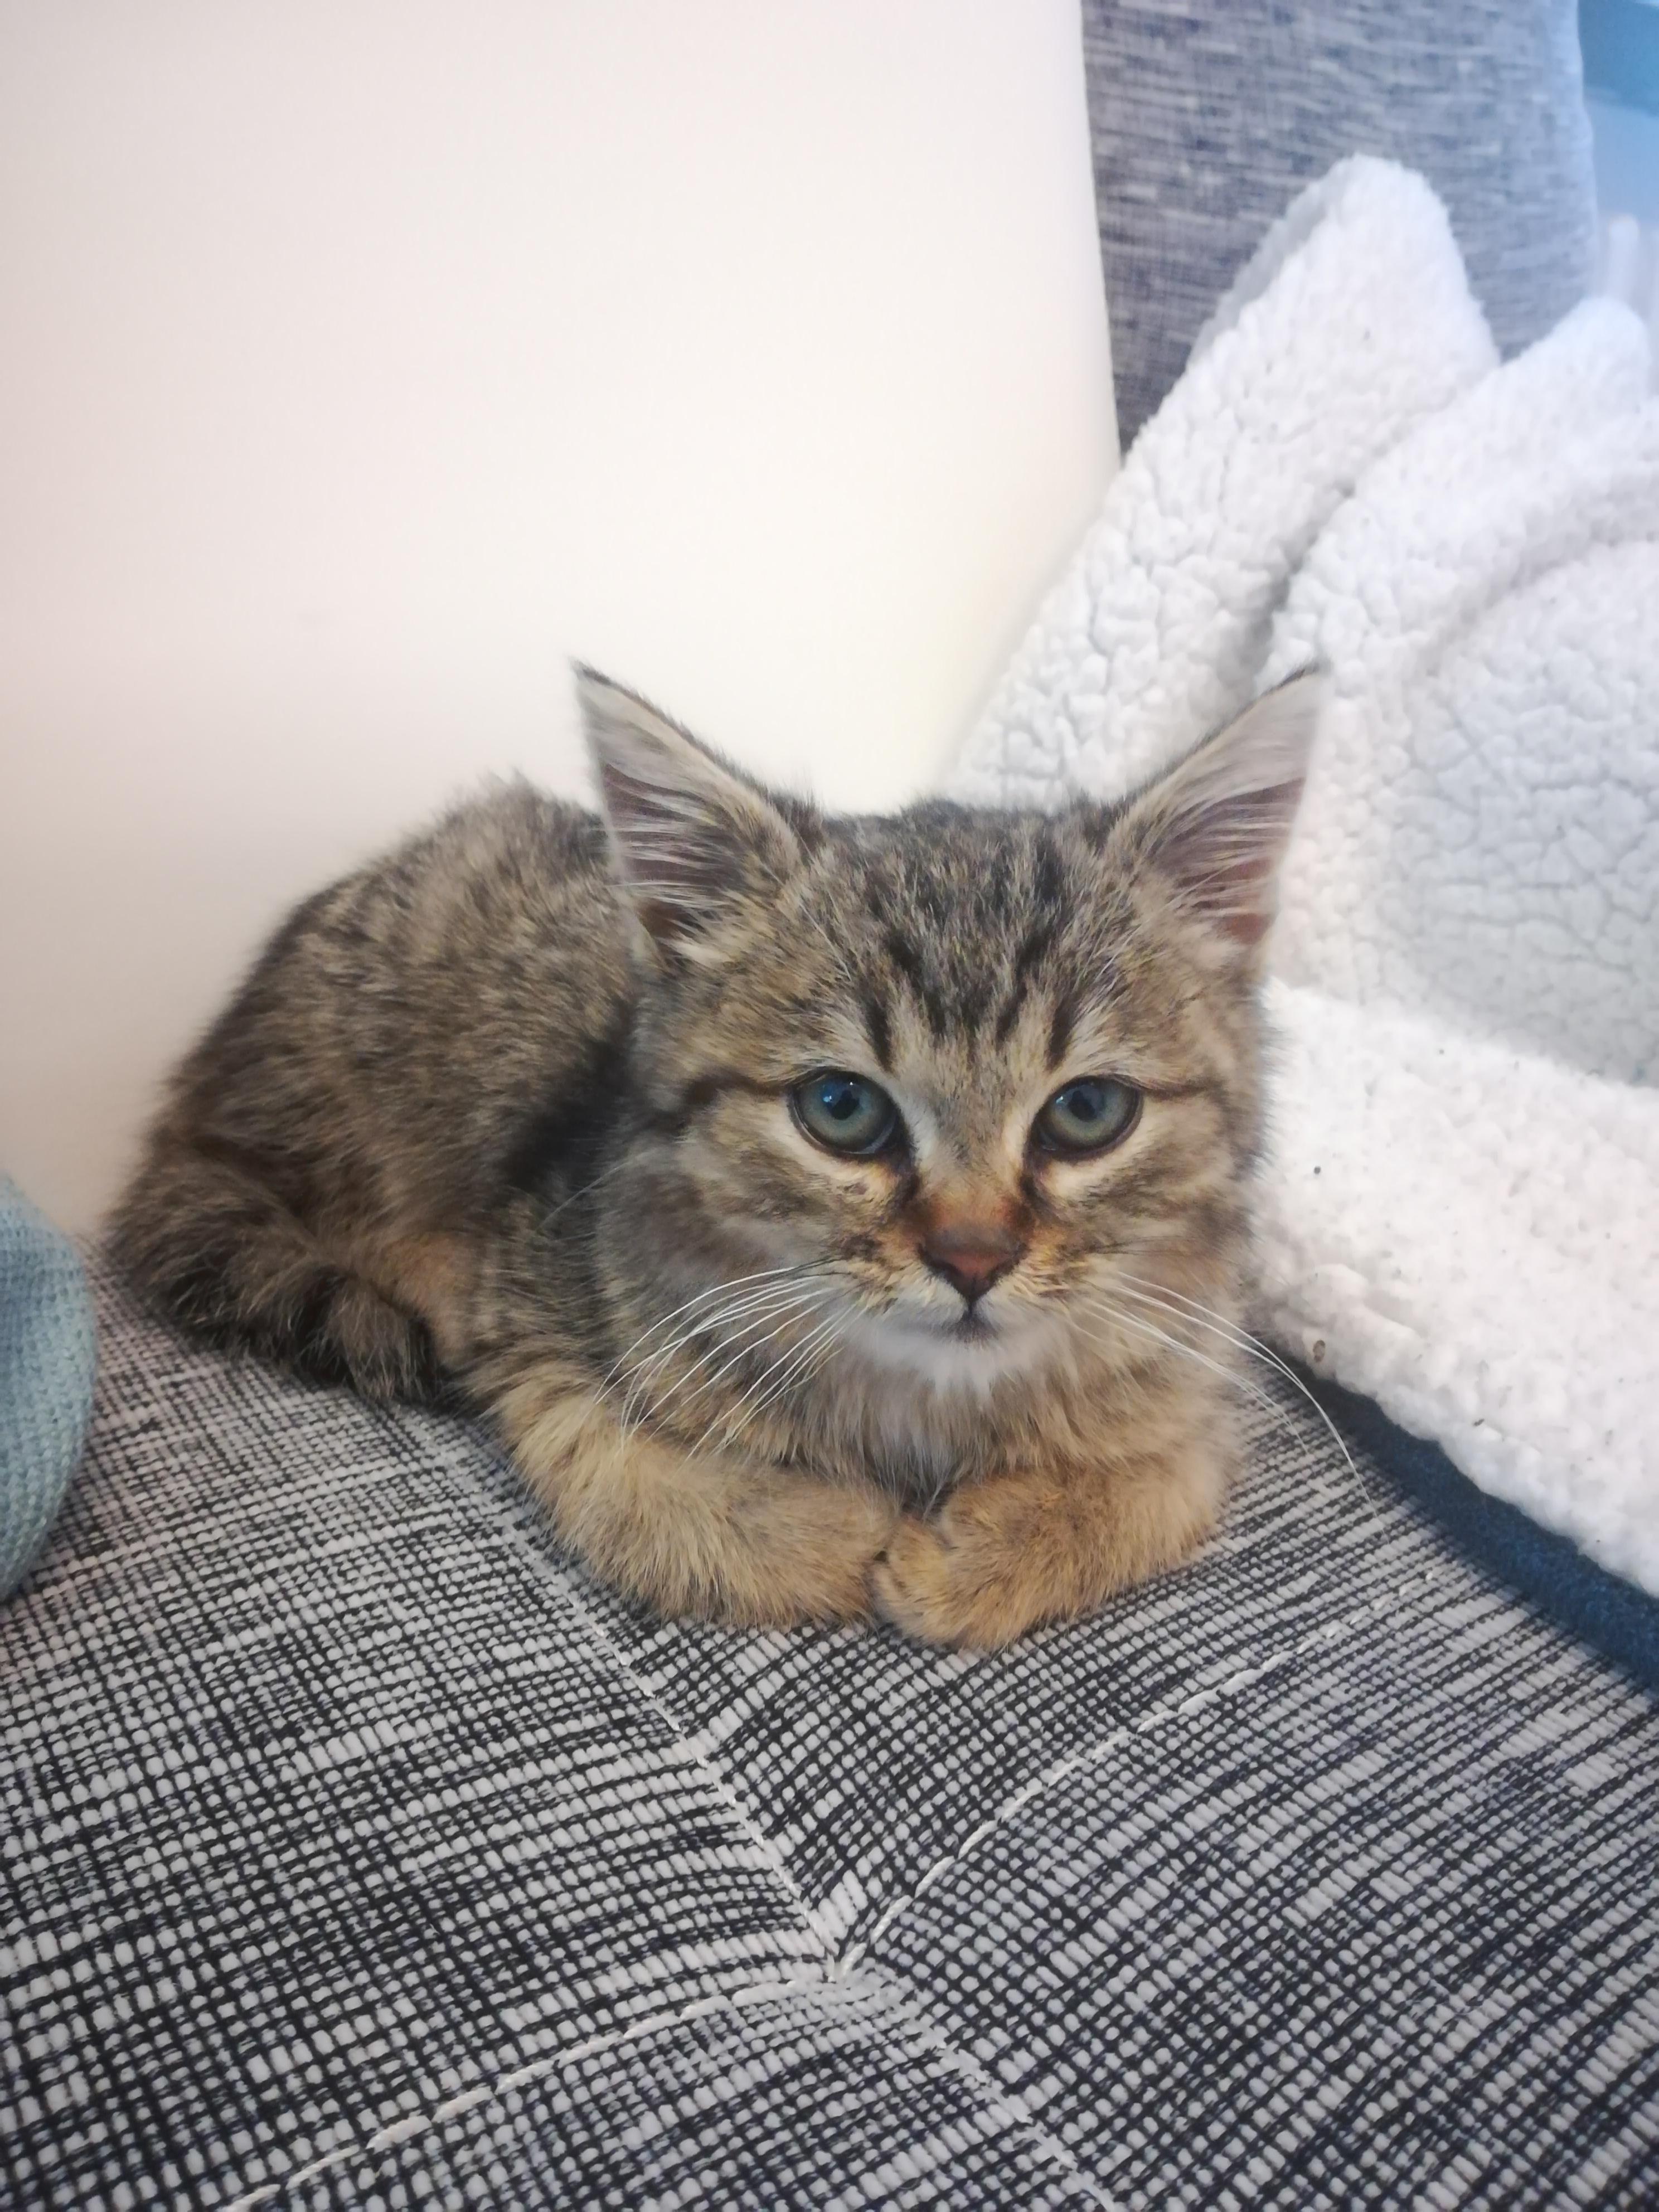 Very Polite Kitten In 2020 Kitten Meowing Kitten Kittens Cutest